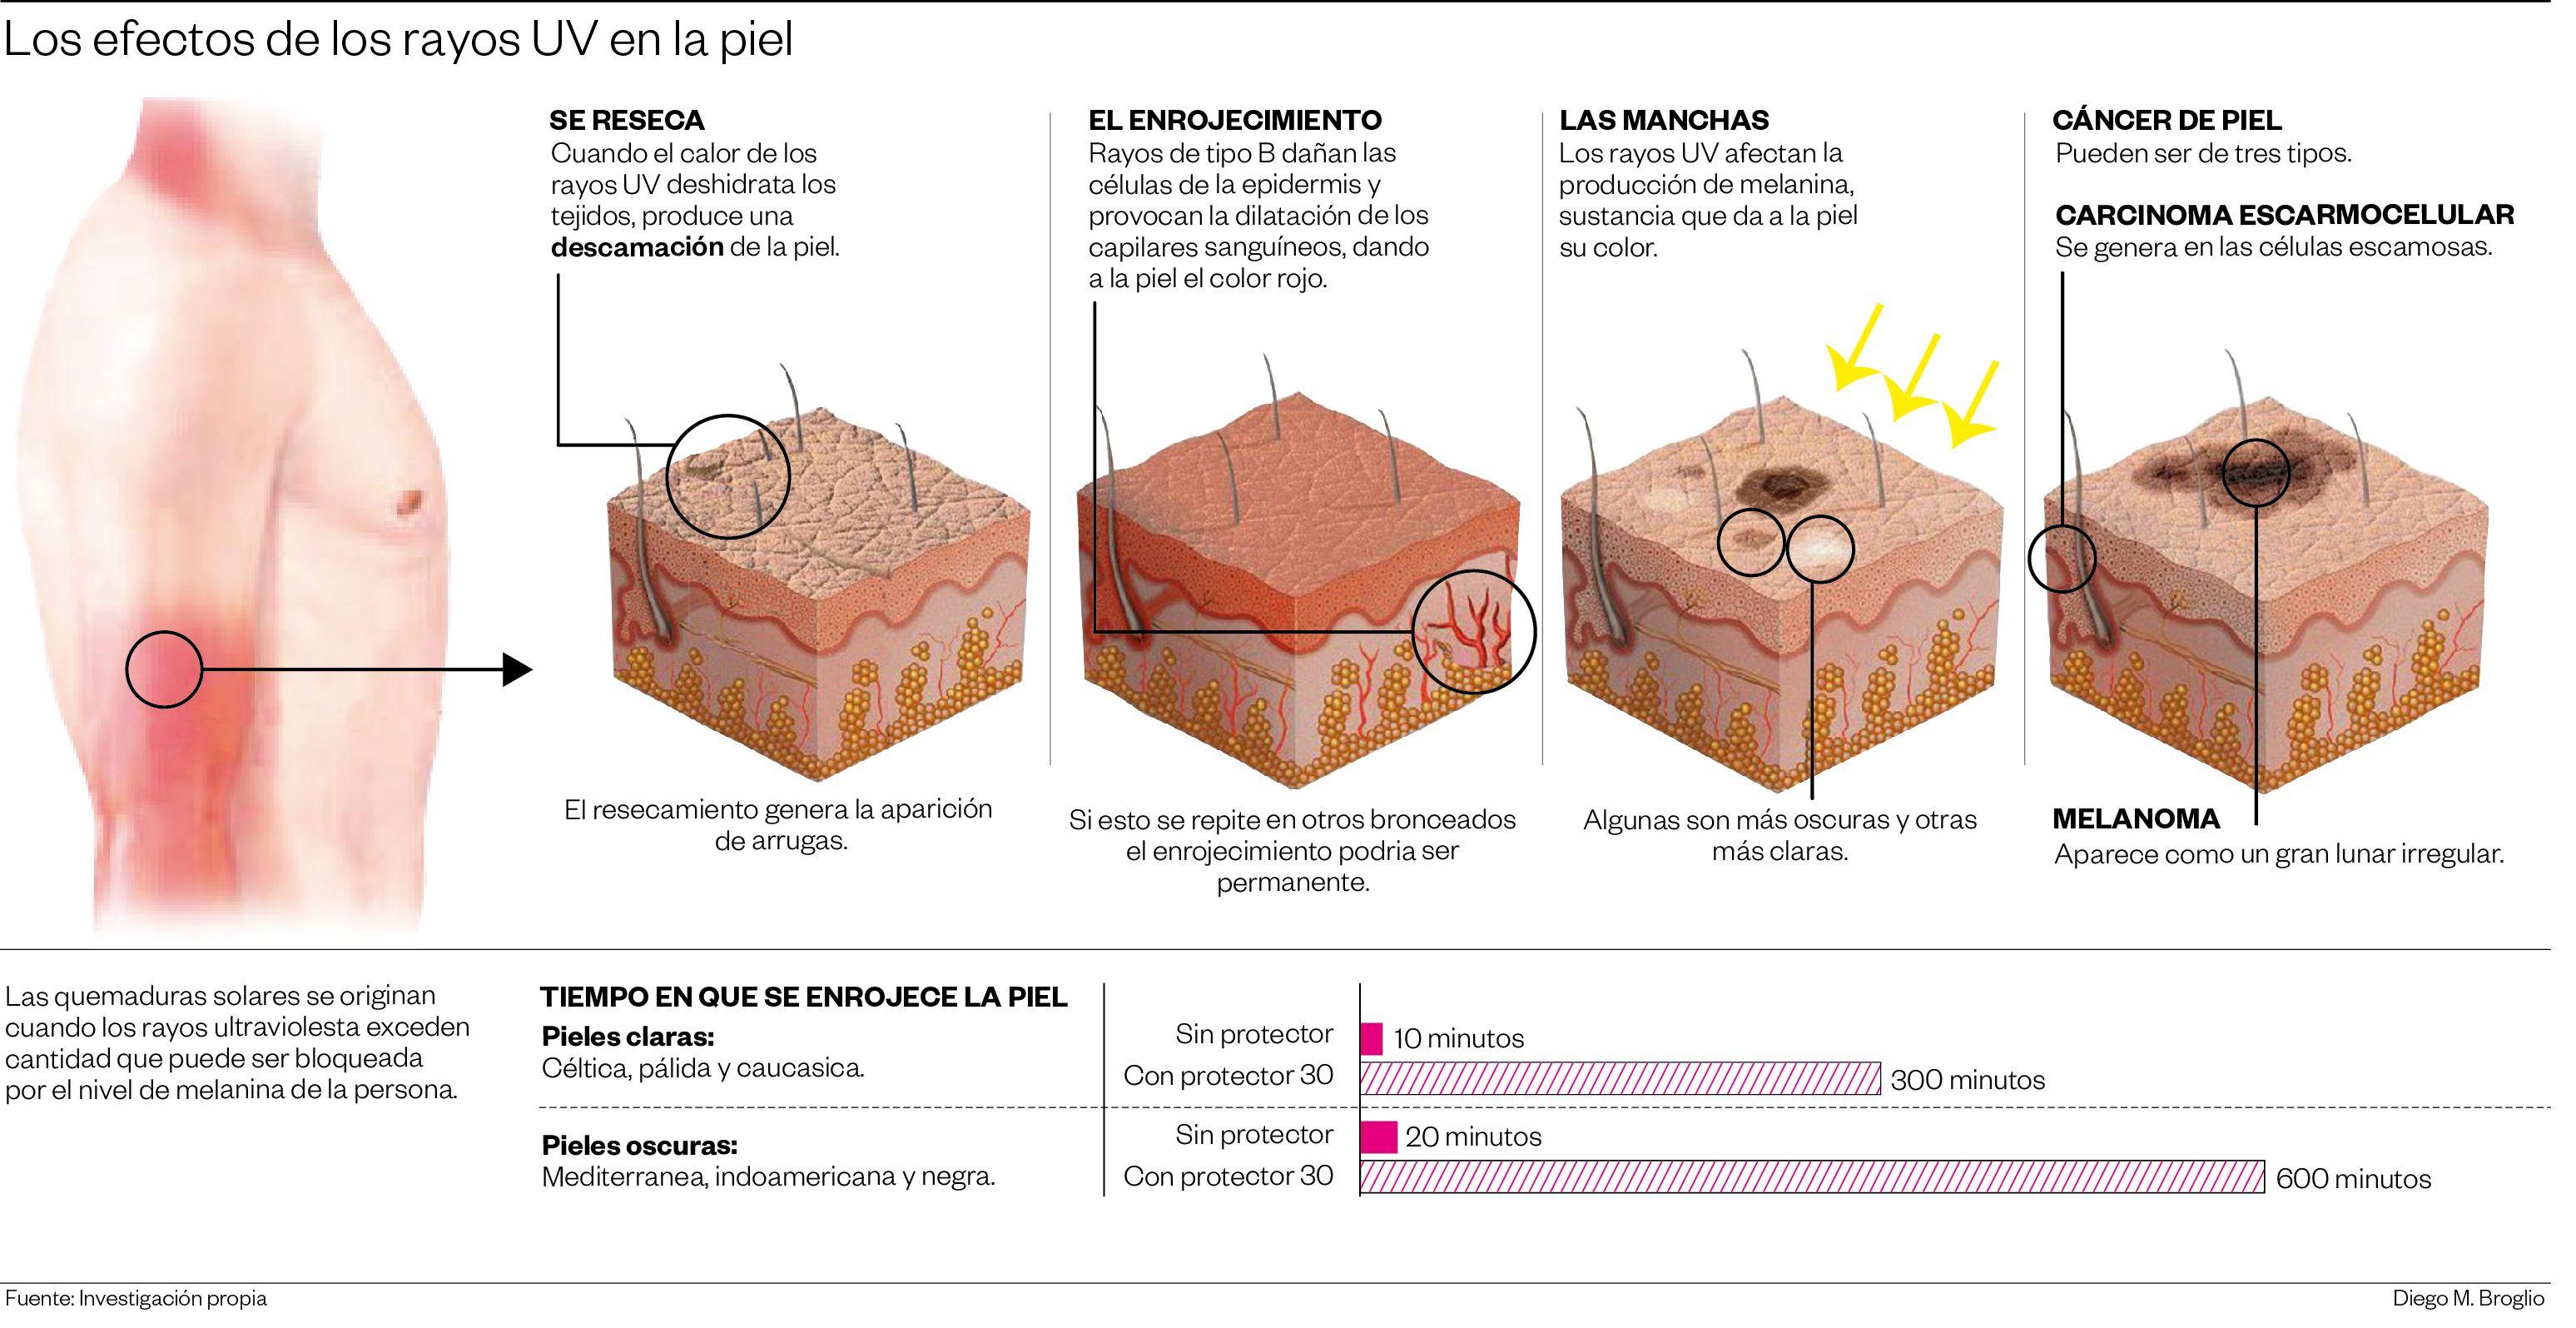 Los efectos de los rayos UV en la piel - CANCER DE PIEL INFOGRAFIA ...